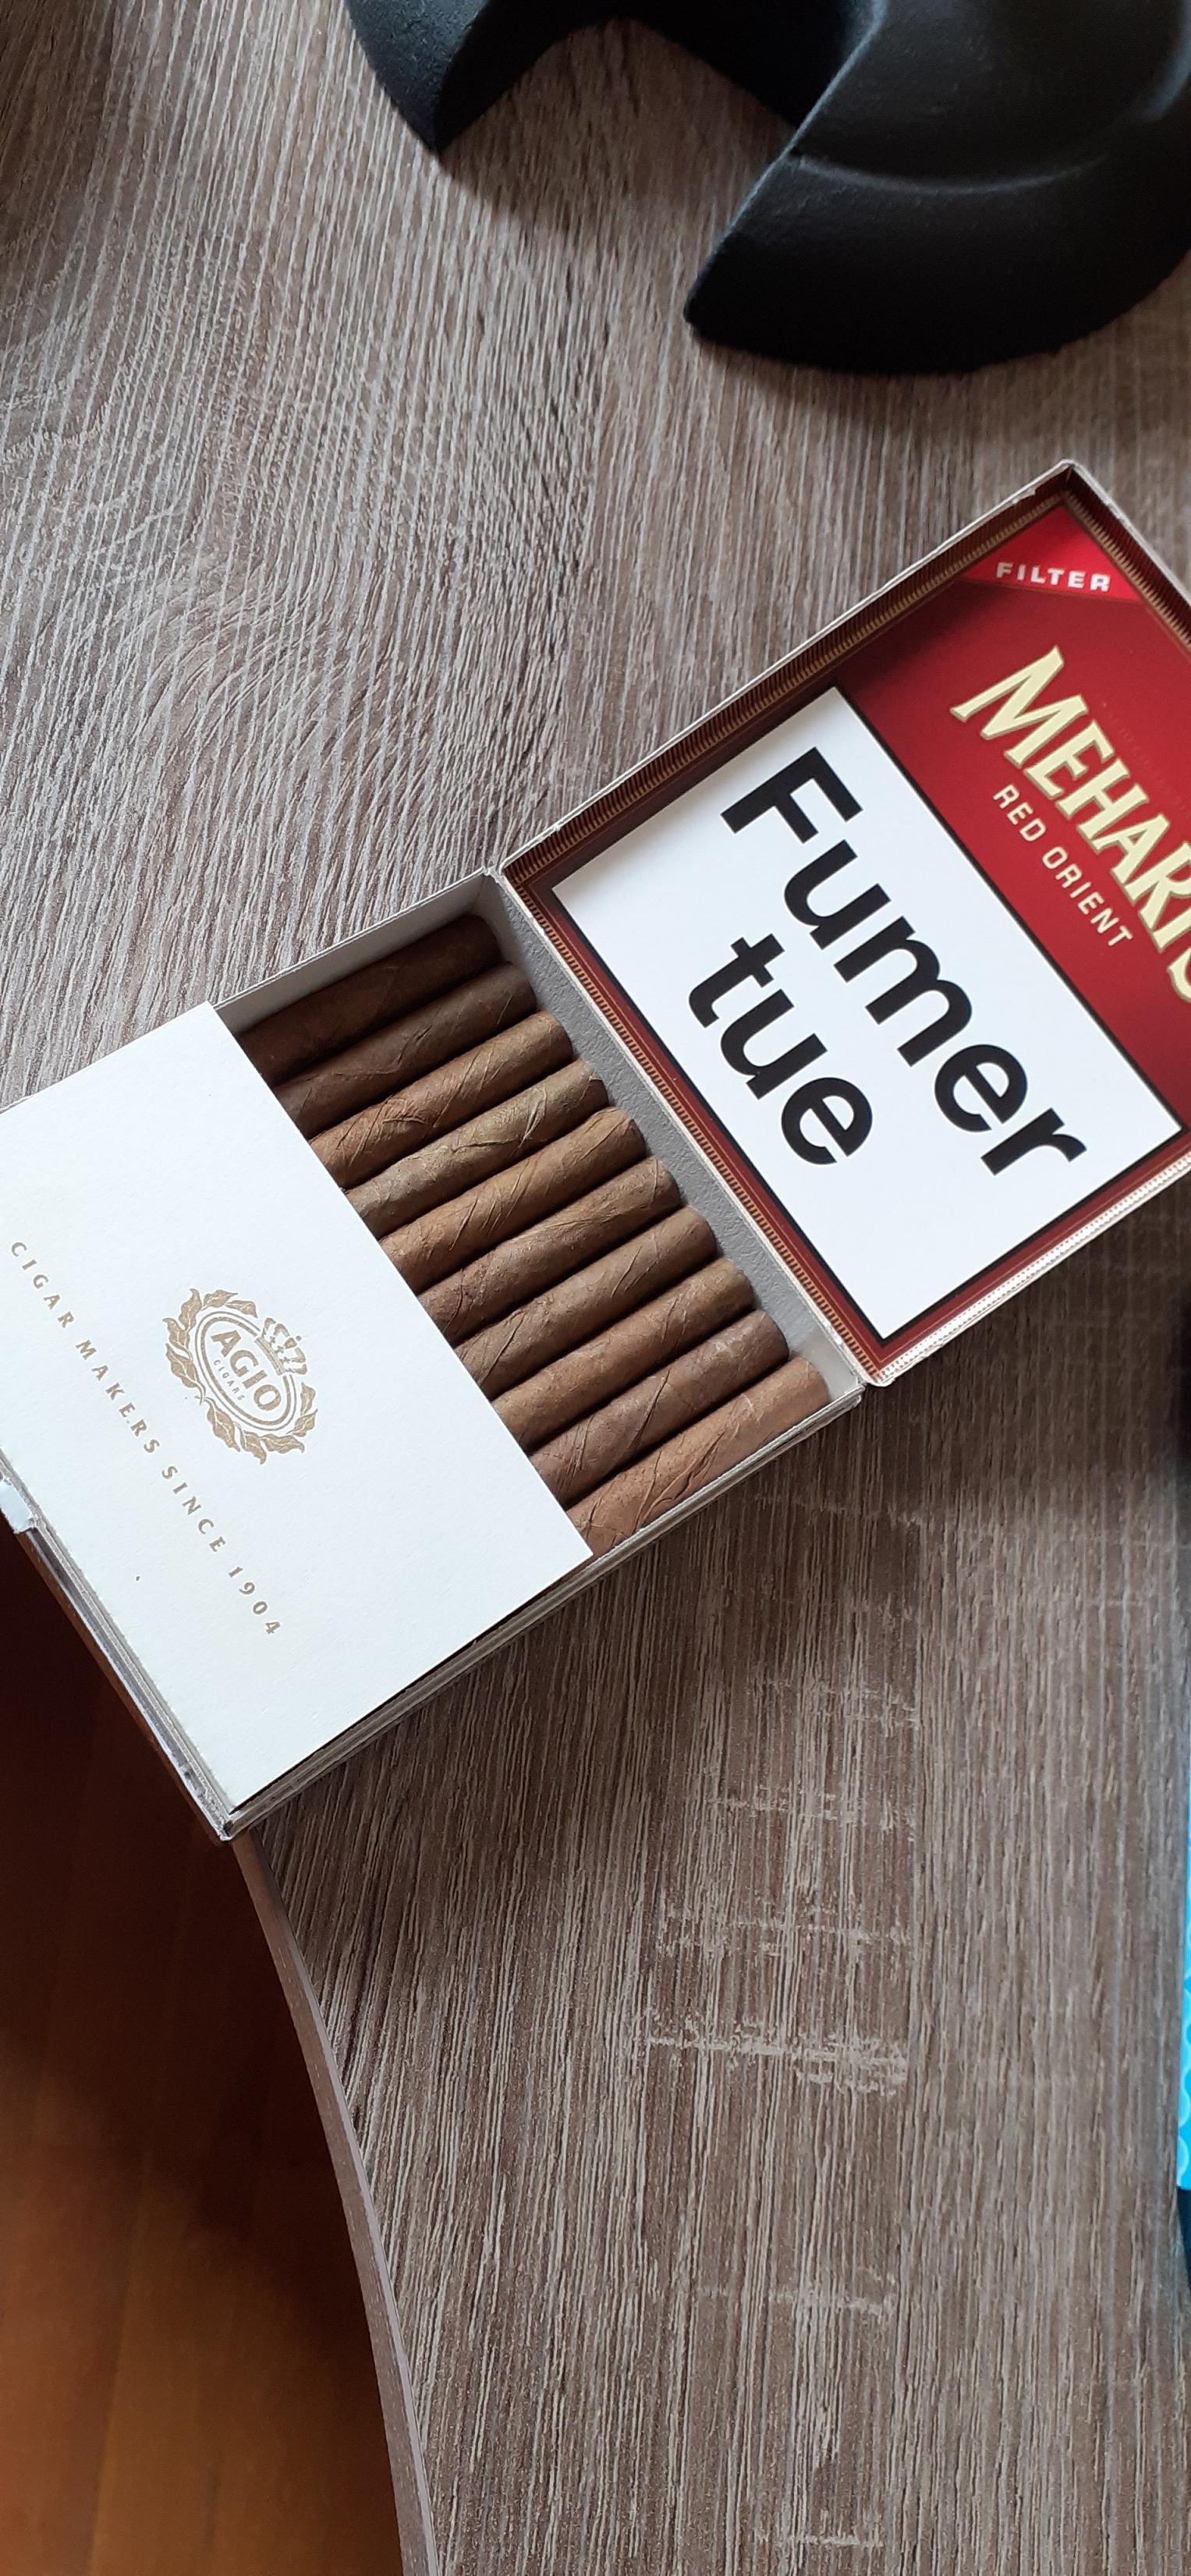 Profitons du confinement pour l'ARRET de la cigarette